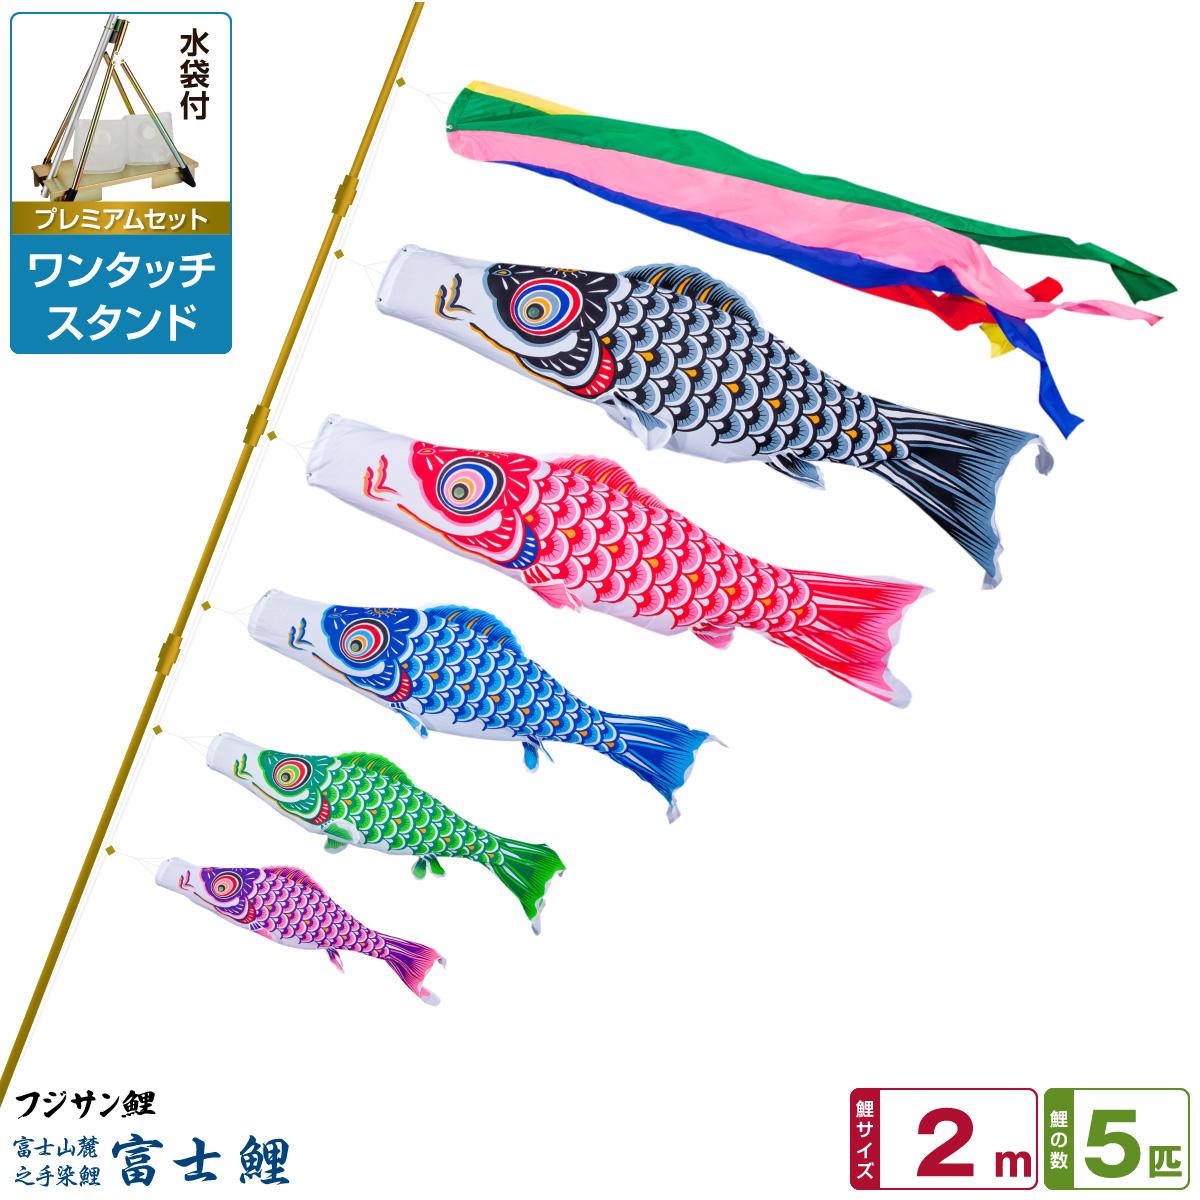 ベランダ用 こいのぼり 鯉のぼり フジサン鯉 富士鯉 2m 8点(吹流し+鯉5匹+矢車+ロープ)/プレミアムセット(ワンタッチスタンド)